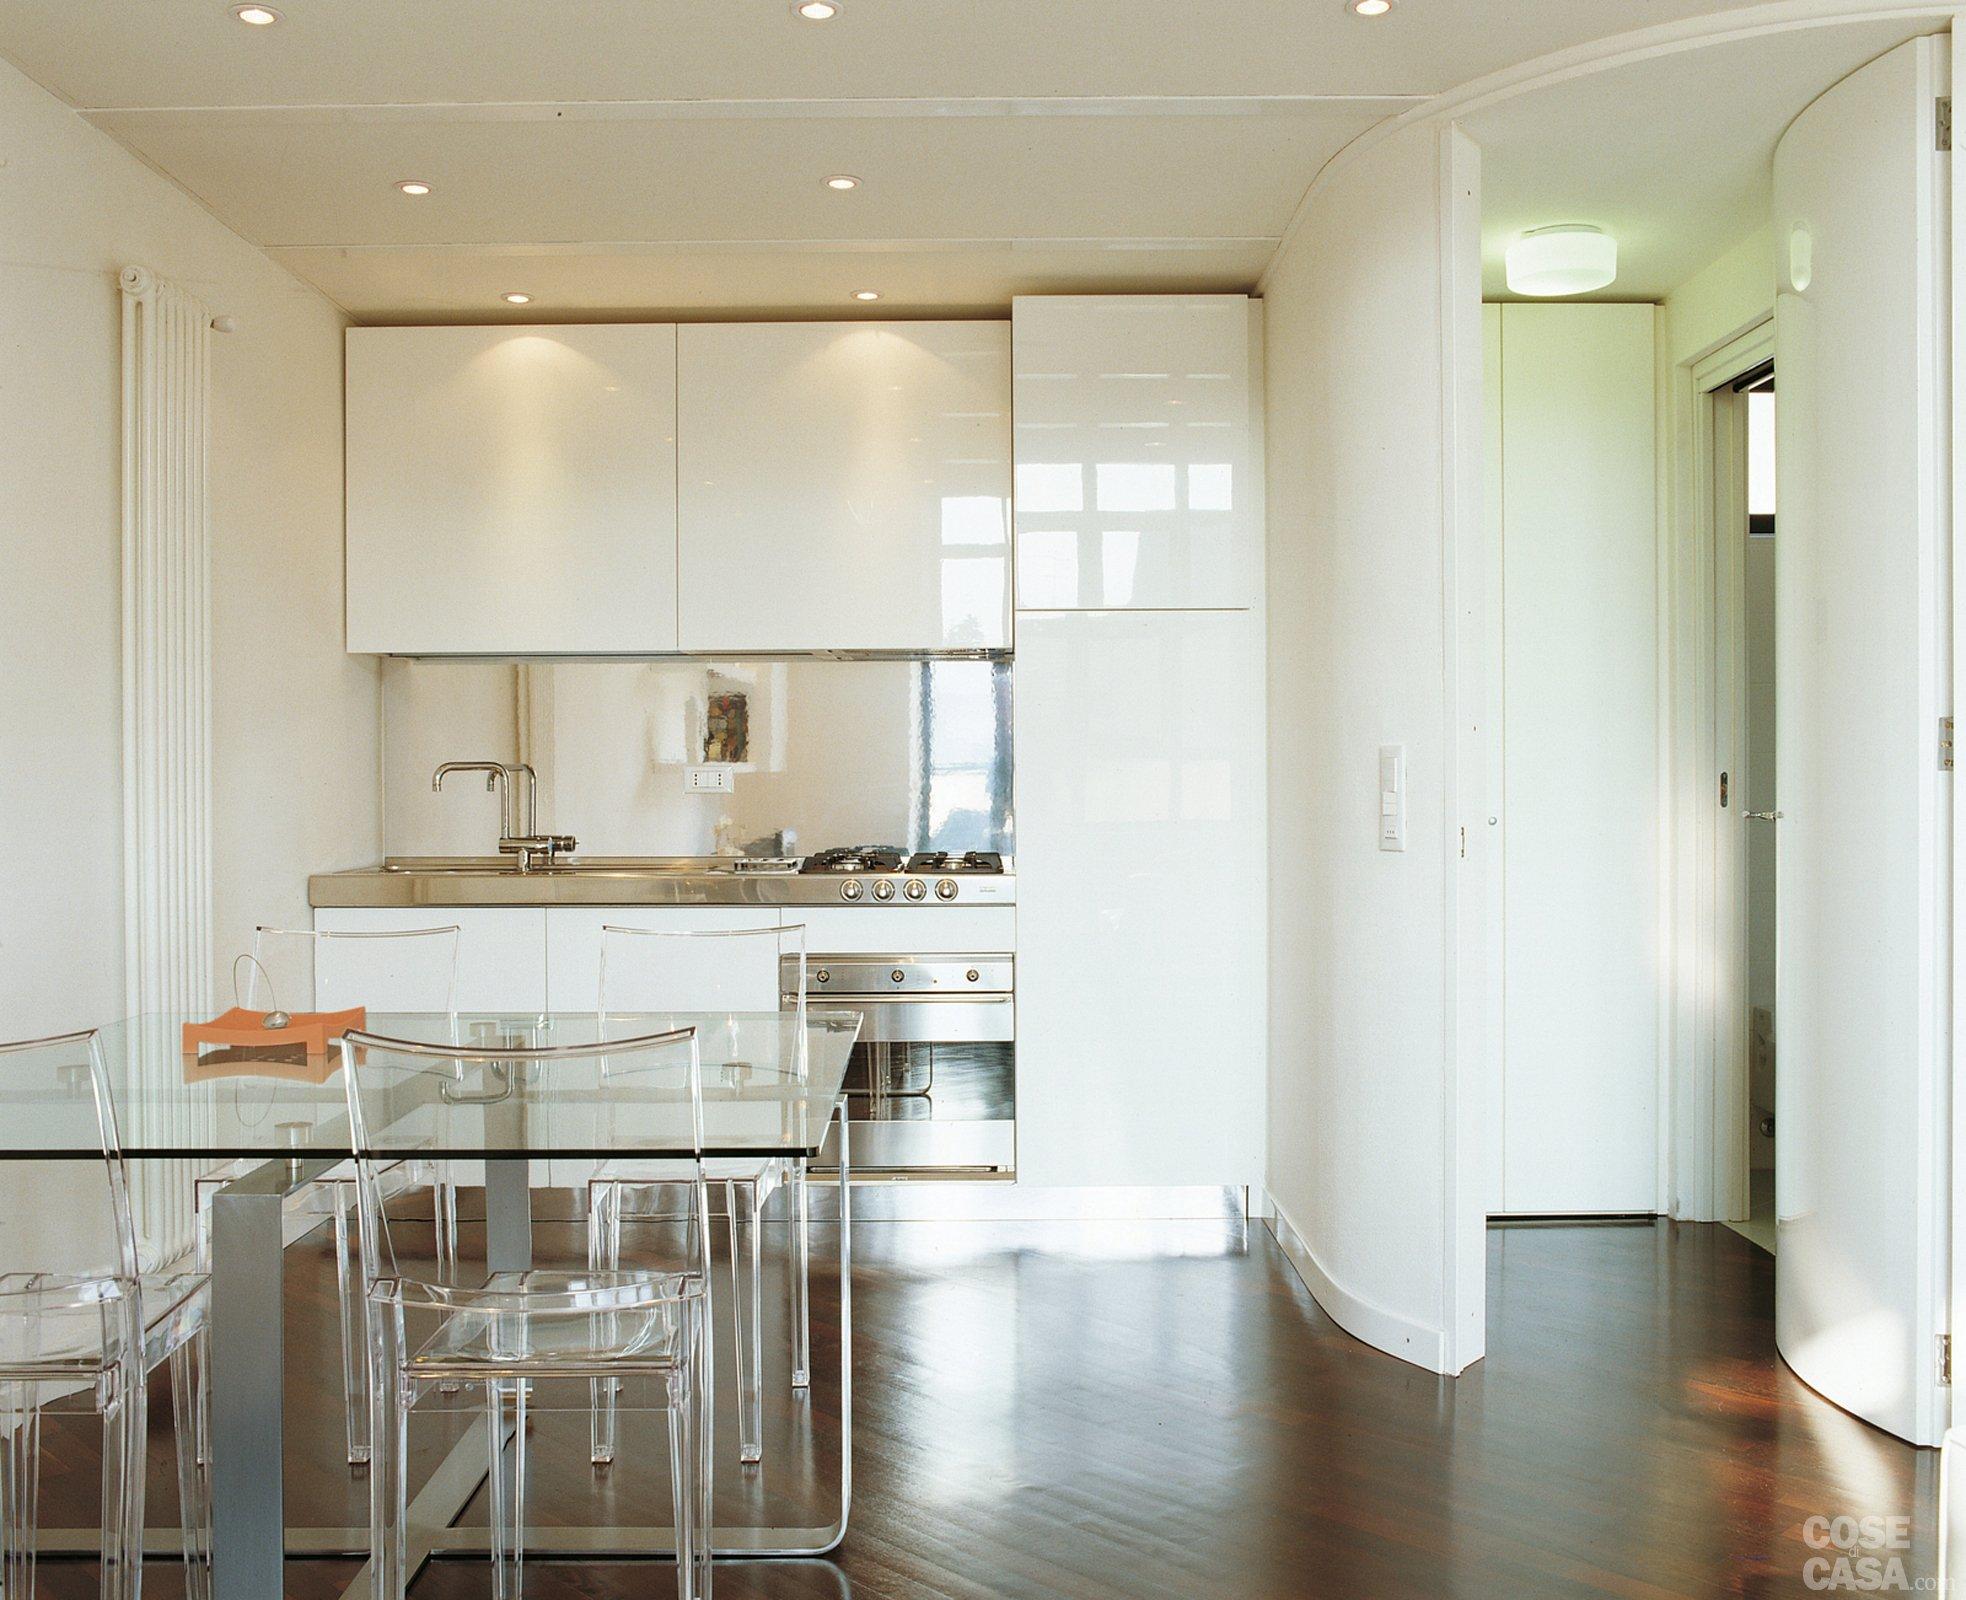 Una casa a doppia altezza con soppalco di 70 mq cose di casa - Cucine senza pensili sopra ...